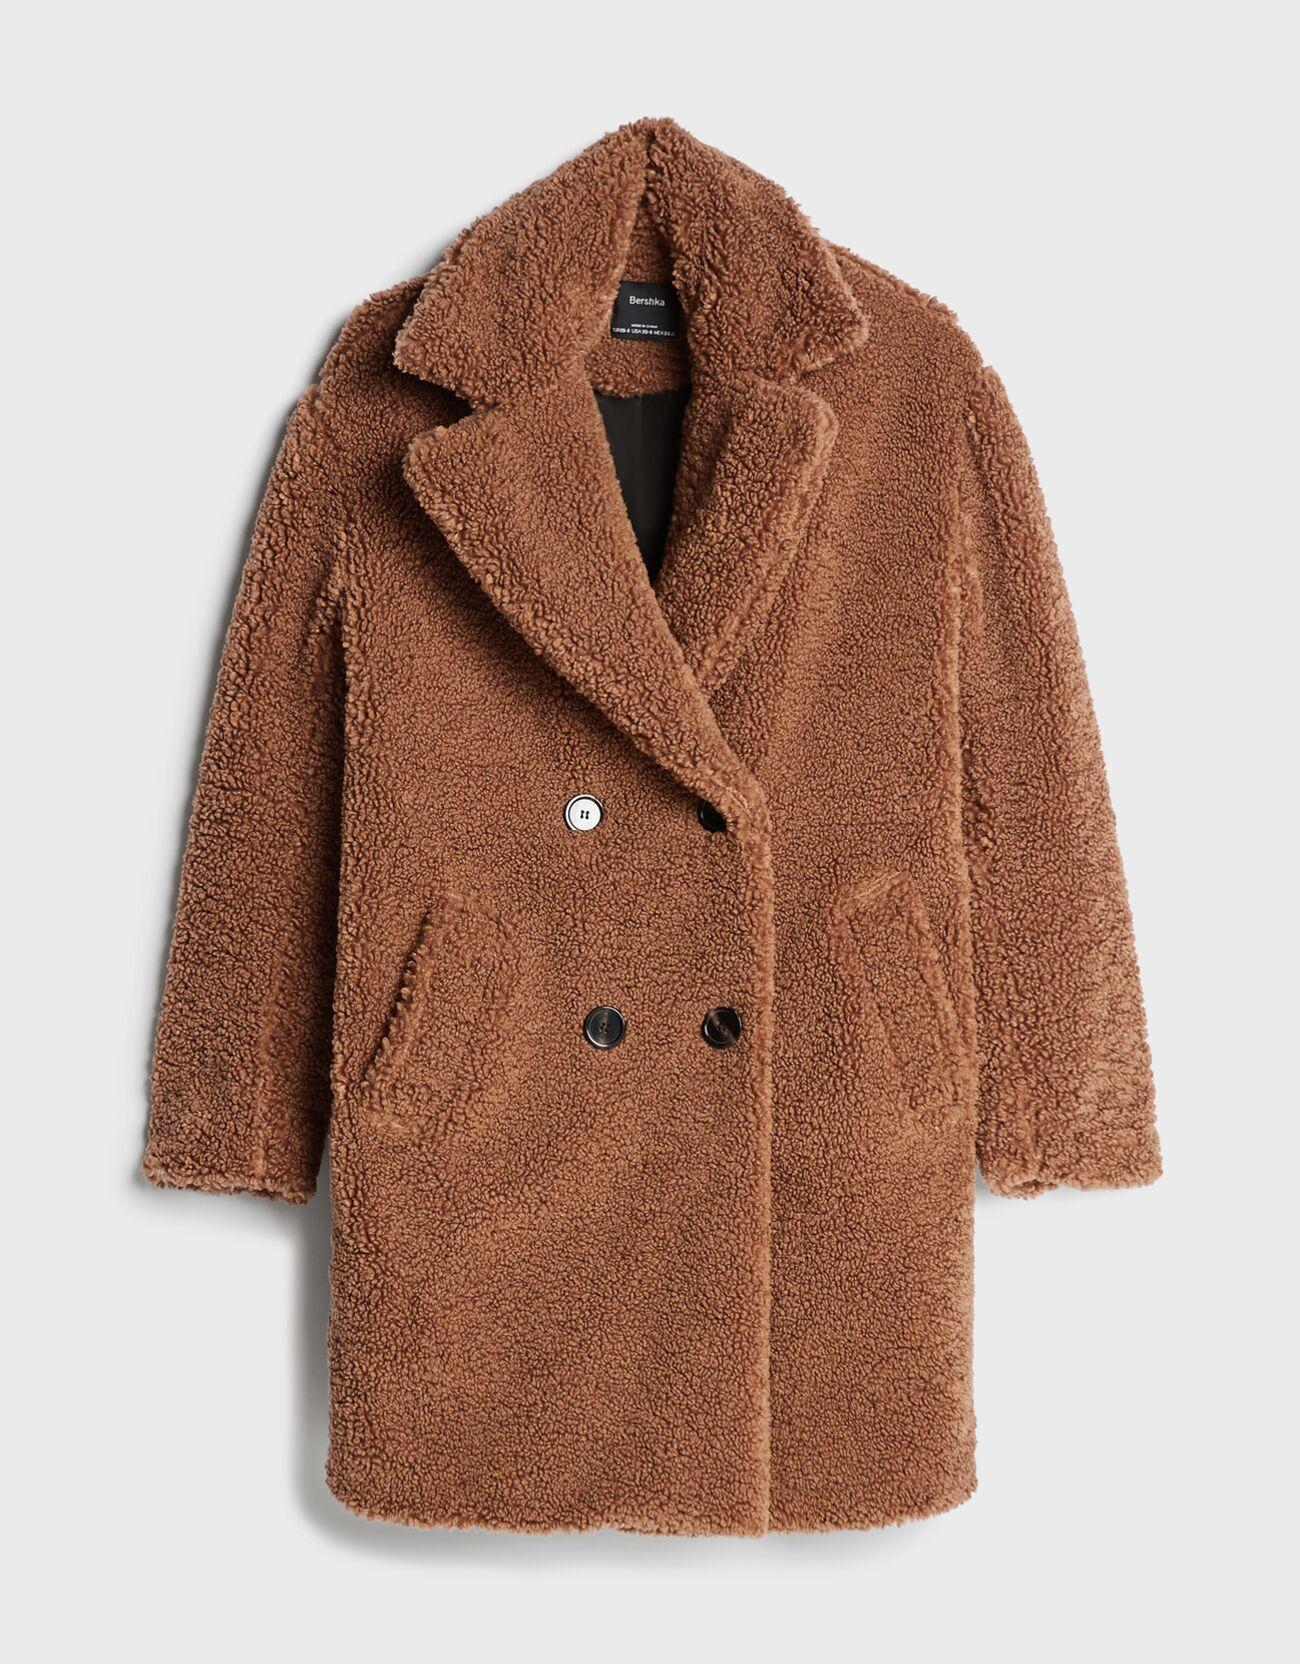 Abrigo oversize marrón.